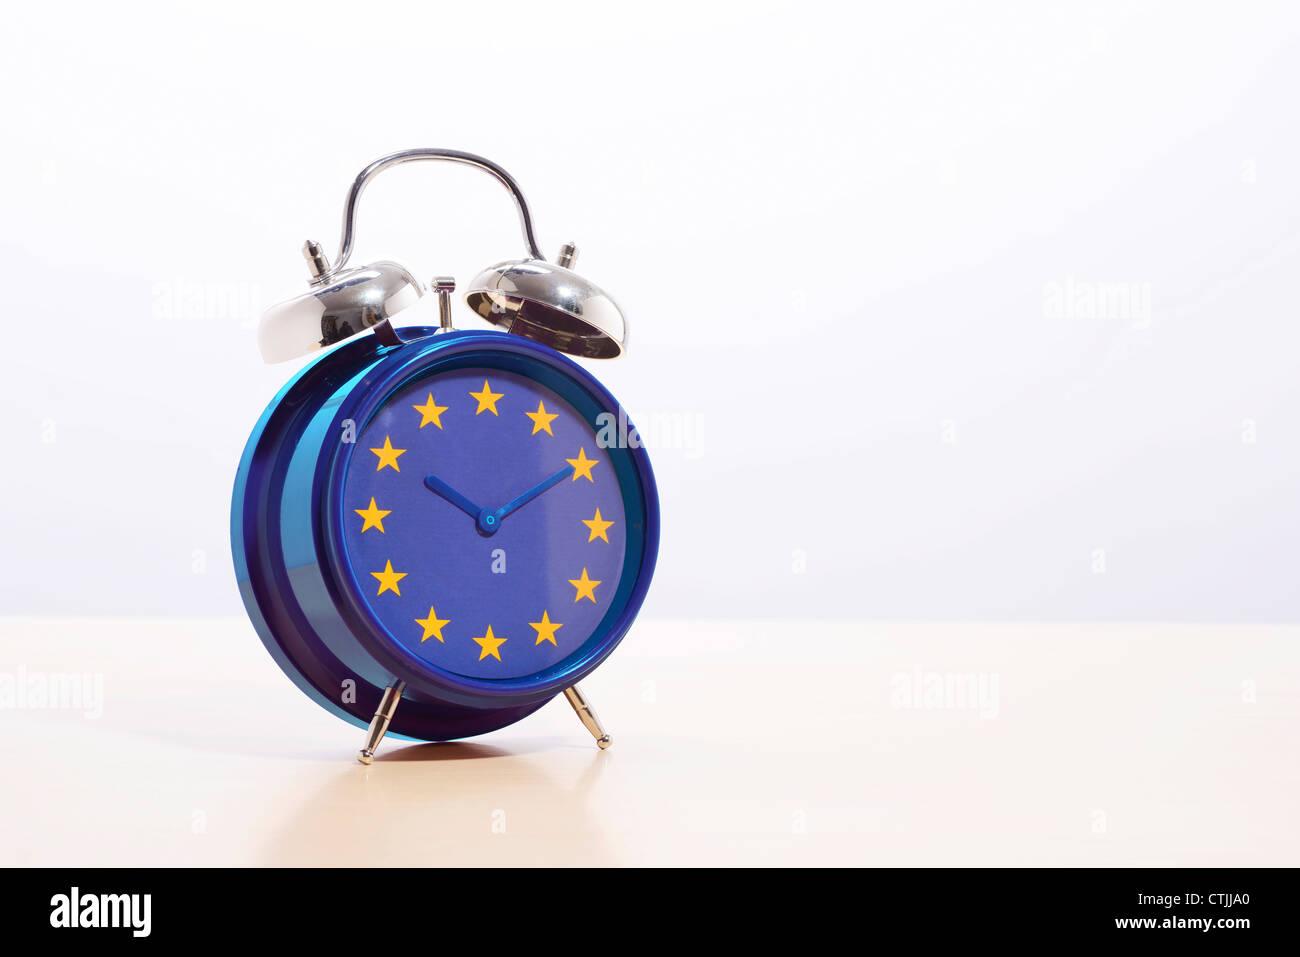 EU Europa Flagge auf einen Wecker Stockbild